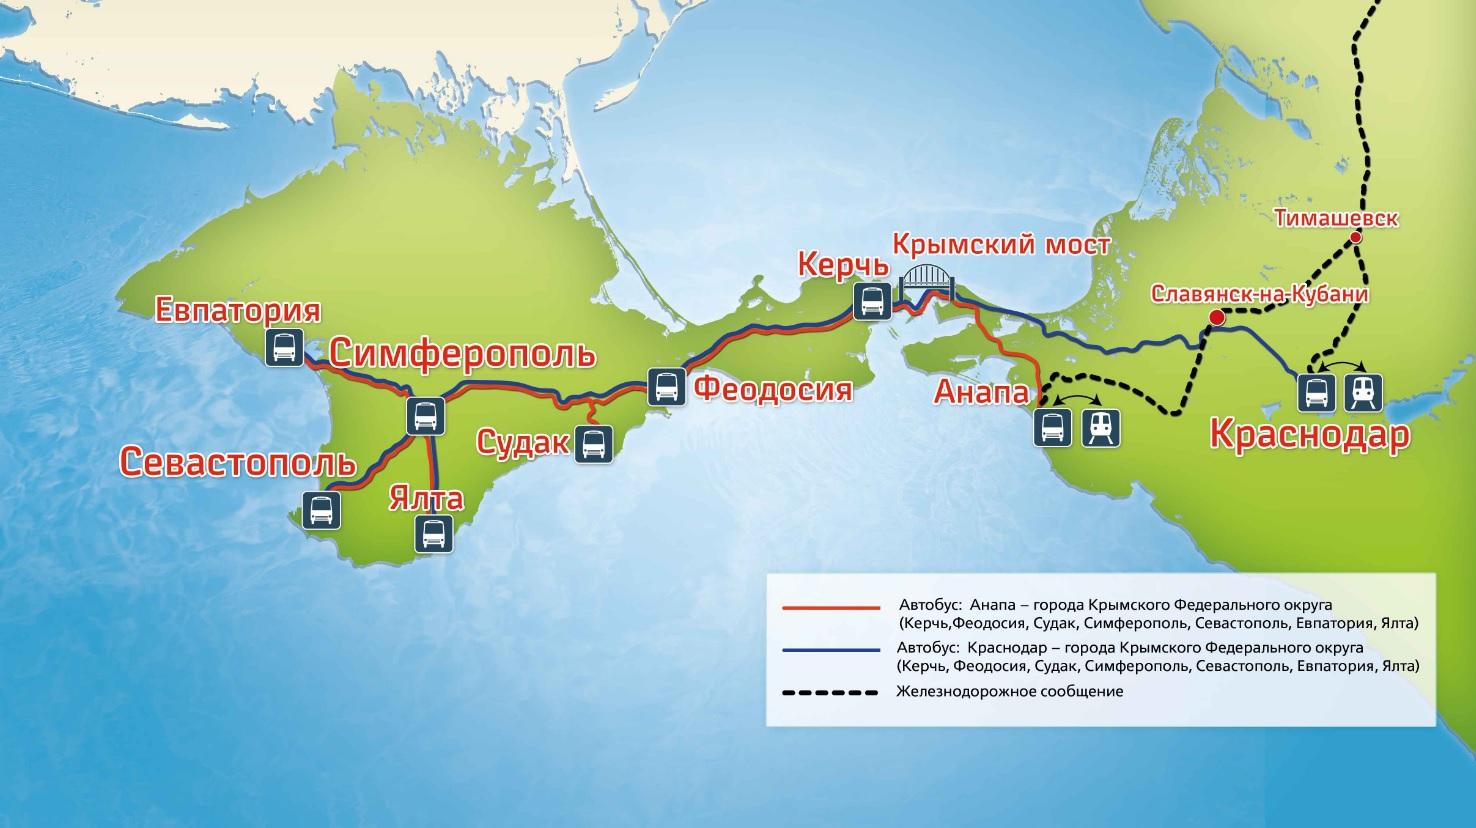 Единый билет в Крым — начались продажи проездных билетов на сезон 2019 года